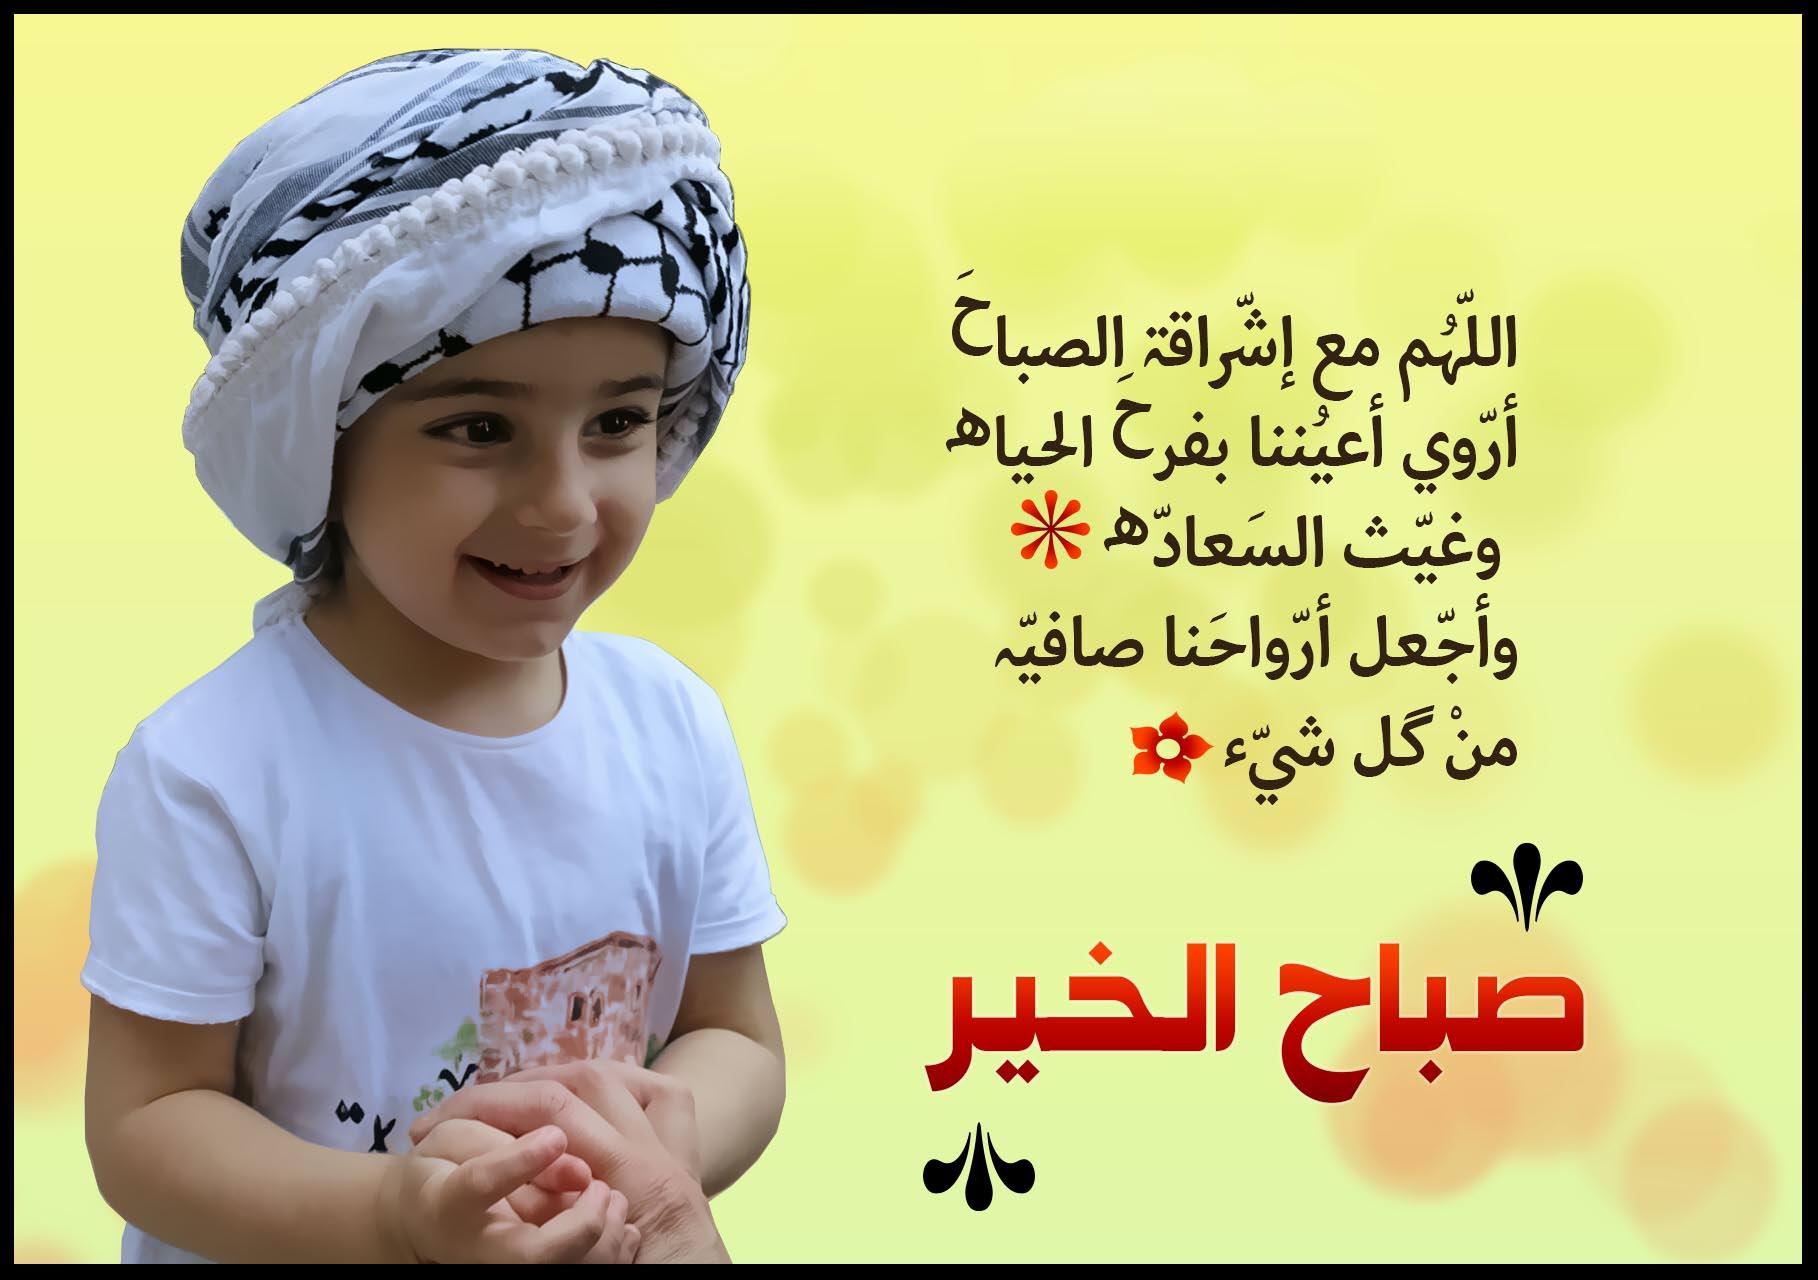 اللہم مع إشراقۃ الصباح أروي أعيننا بفرح الحياھ وغيث السعادھ